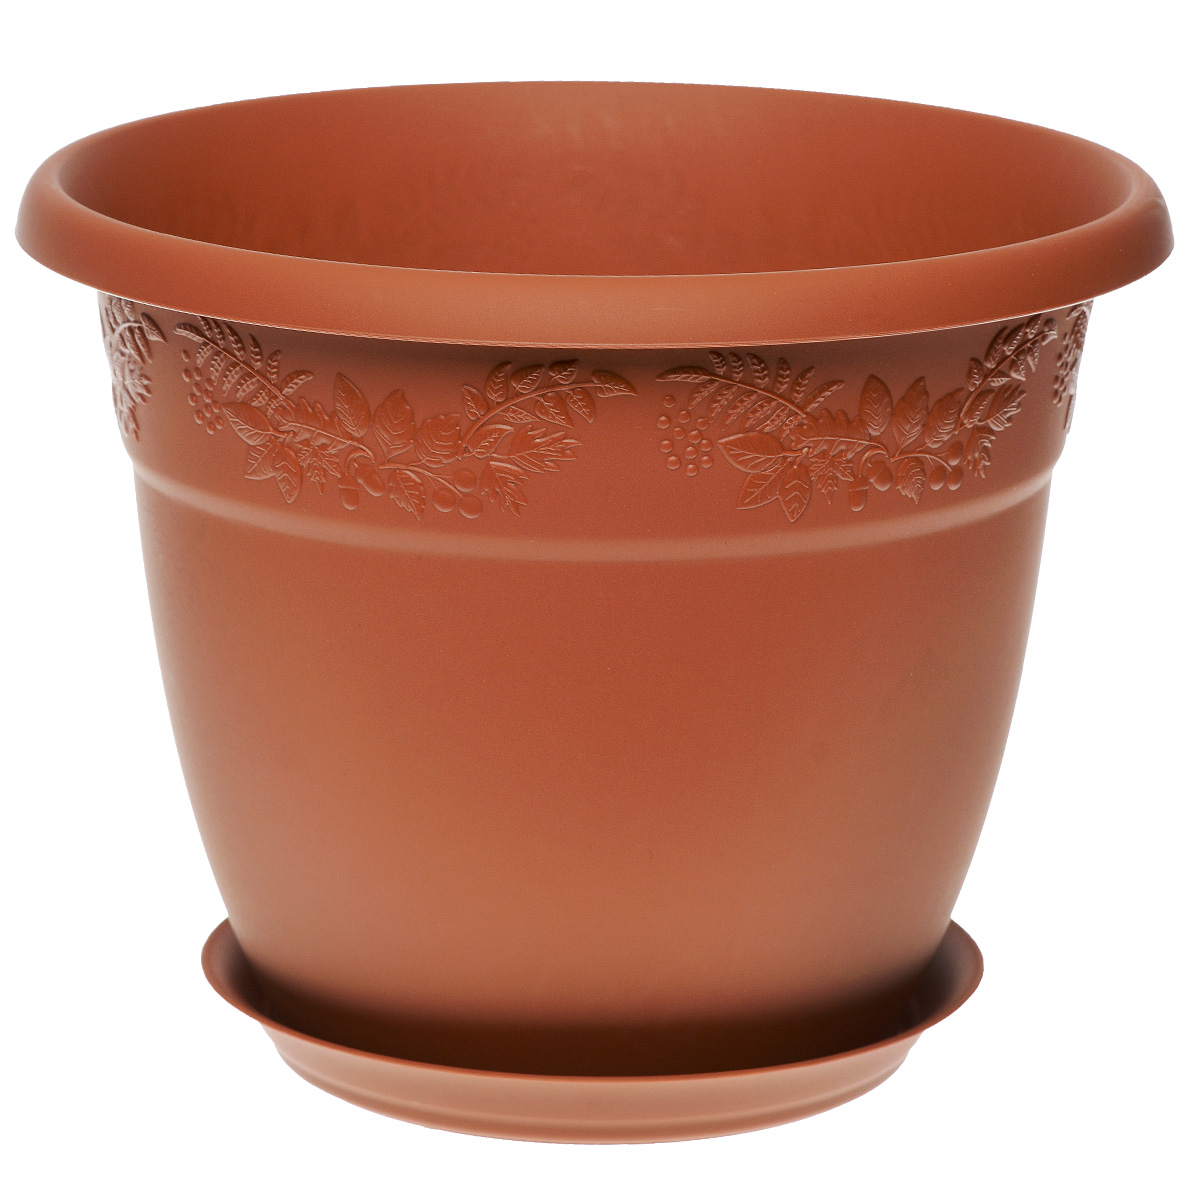 Кашпо Idea Рябина, с поддоном, цвет: терракотовый, 2,3 л1671695Кашпо Idea Рябина изготовлено из высококачественного полипропилена (пластика). Специальный поддон предназначен для стока воды. Изделие прекрасно подходит для выращивания растений и цветов в домашних условиях. Лаконичный дизайн впишется в интерьер любого помещения. Диаметр поддона: 13,5 см. Объем кашпо: 2,3 л.Диаметр кашпо по верхнему краю: 18,5 см.Высота кашпо: 15 см.